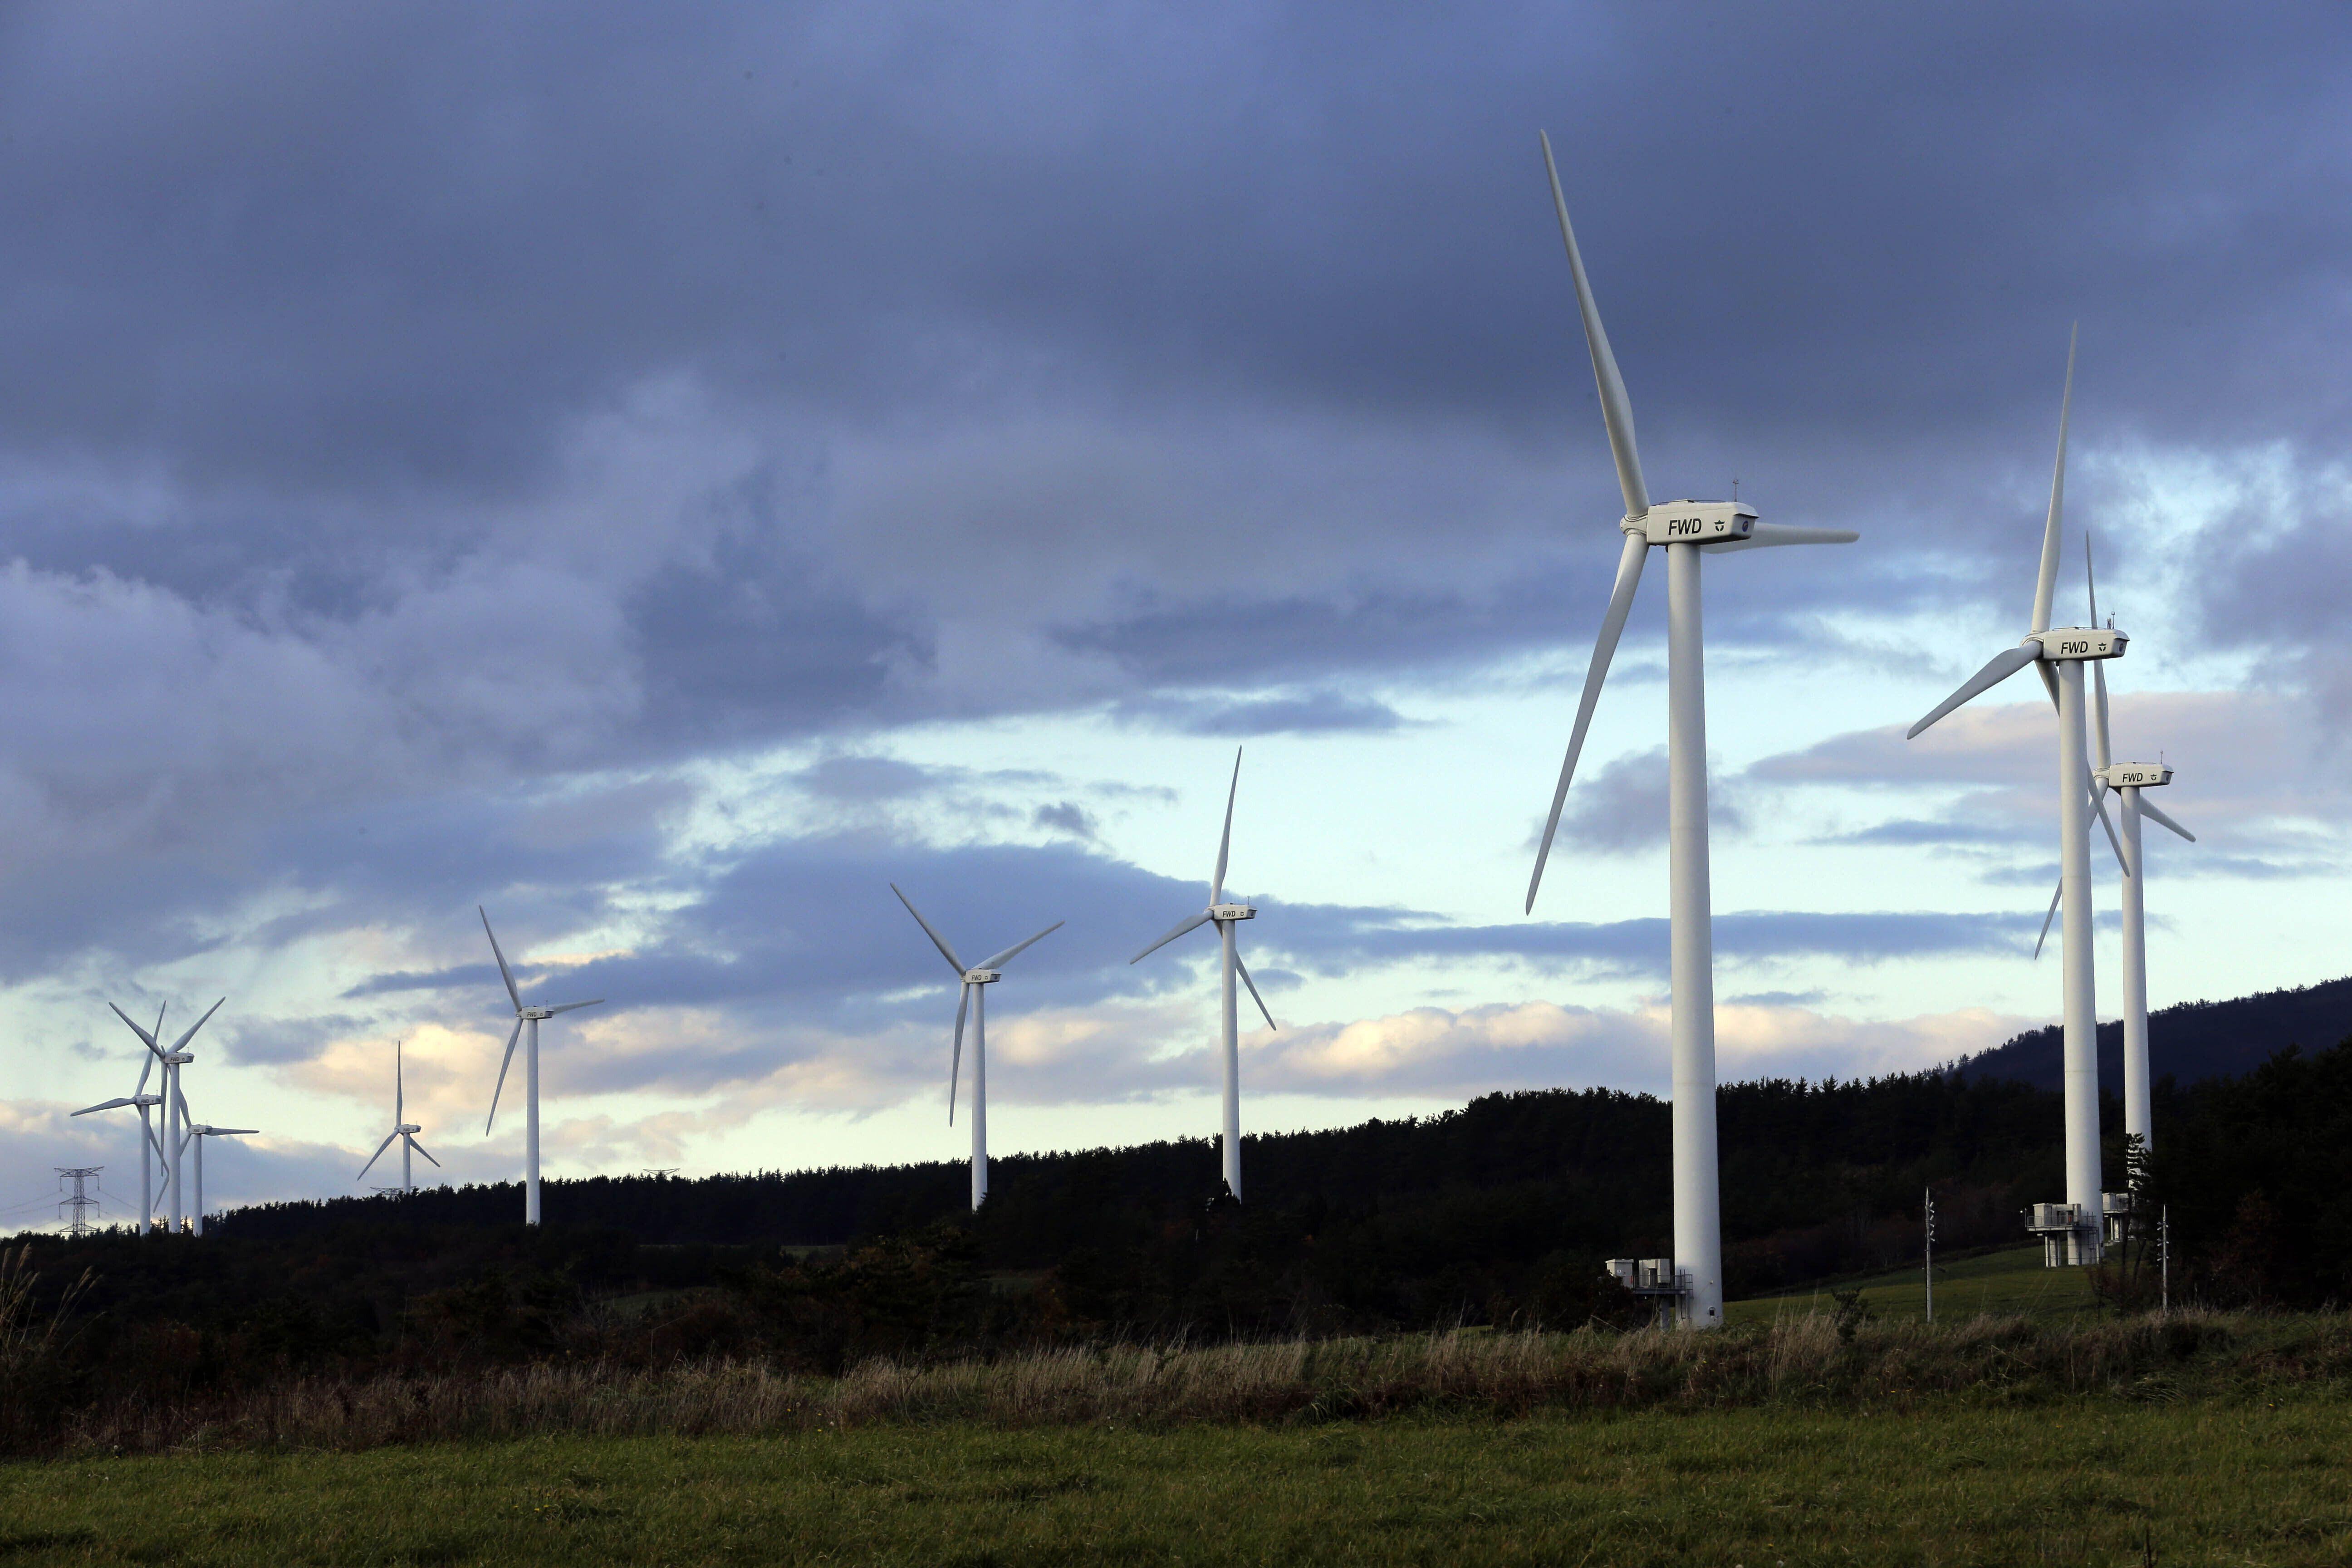 japon adopta nuevo plan de energia menos contaminante